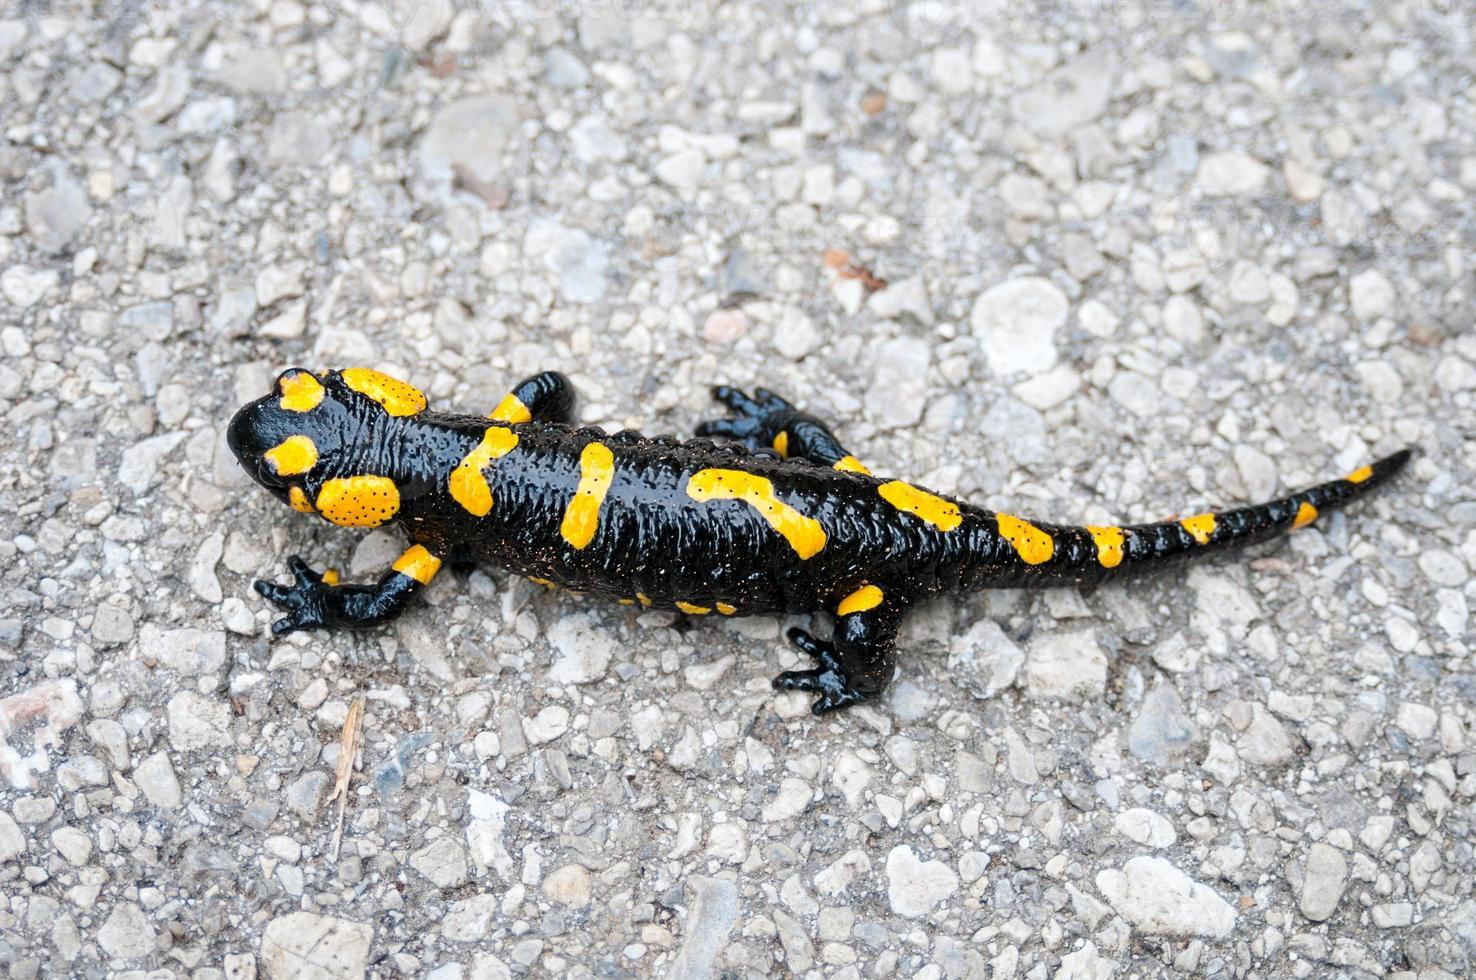 Fire salamander closeup photo